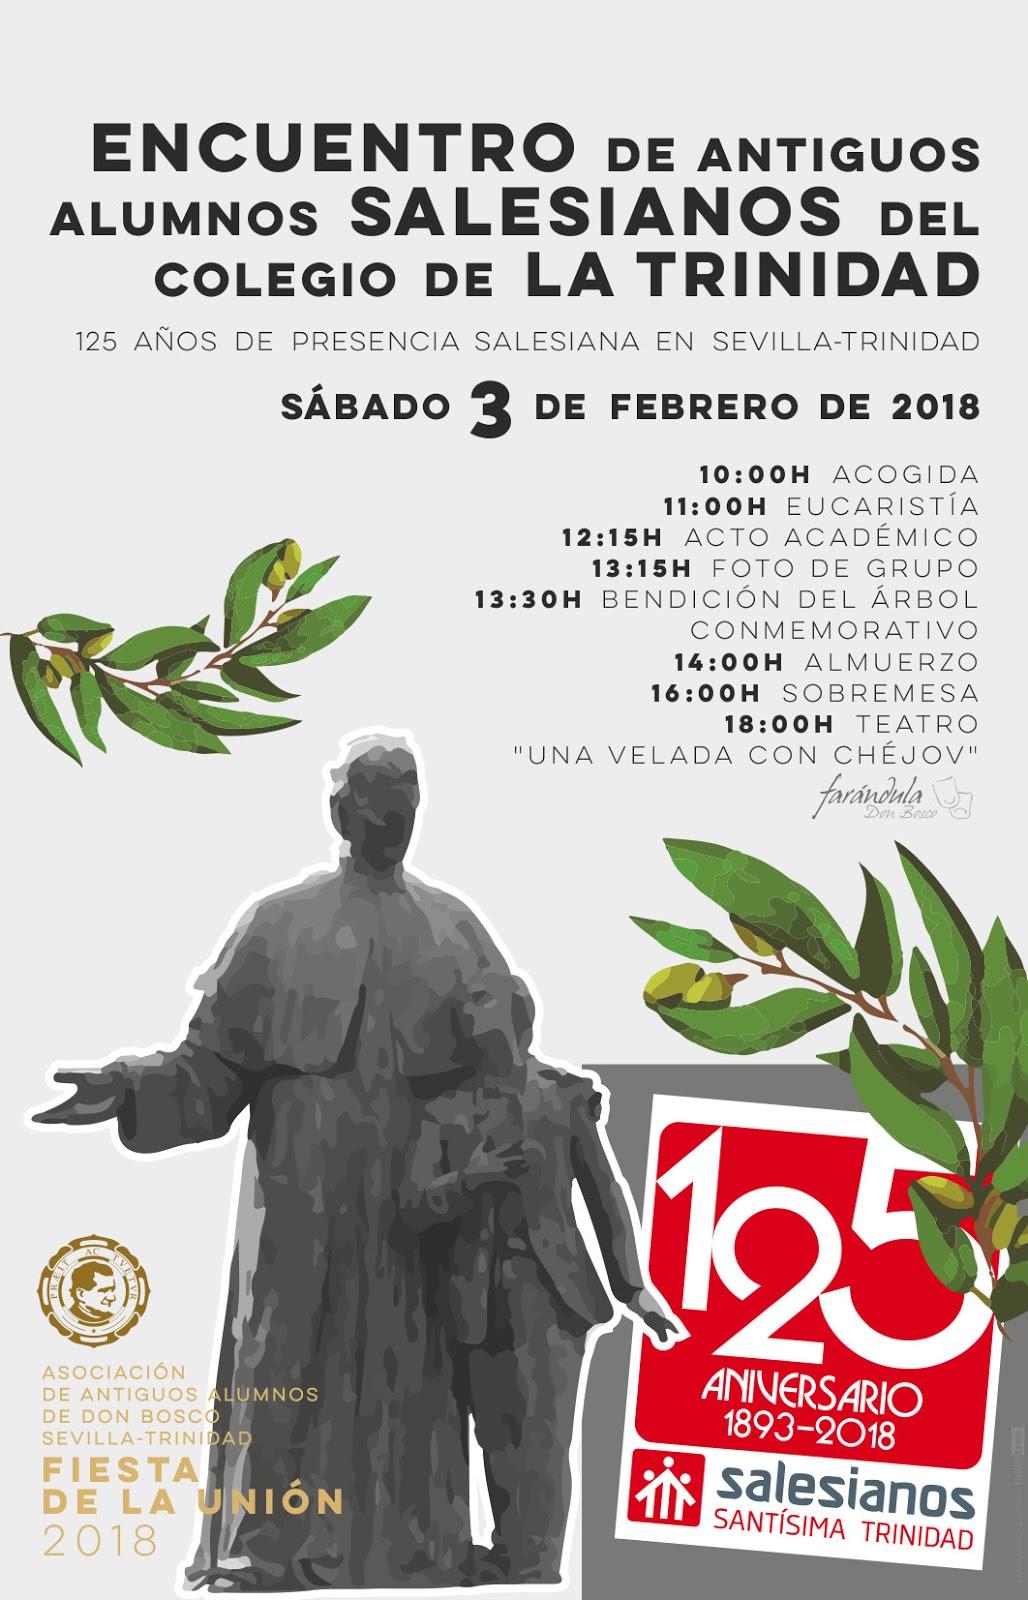 Encuentro Antiguos Alumnos Salesianos Colegio de la Trinidad